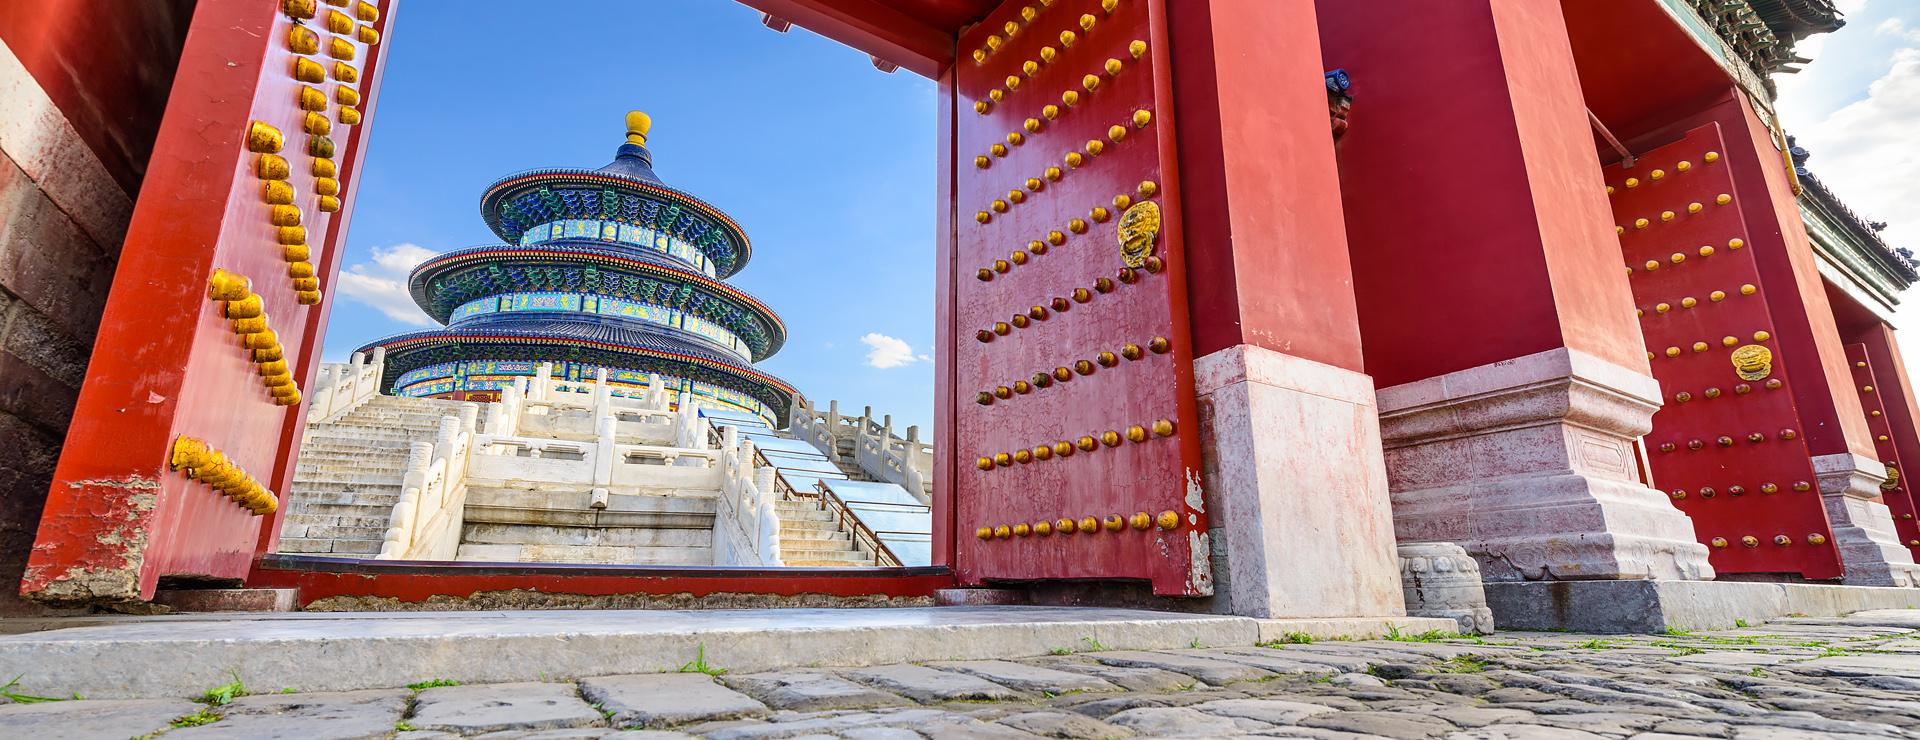 Peking – Sommarpalatset